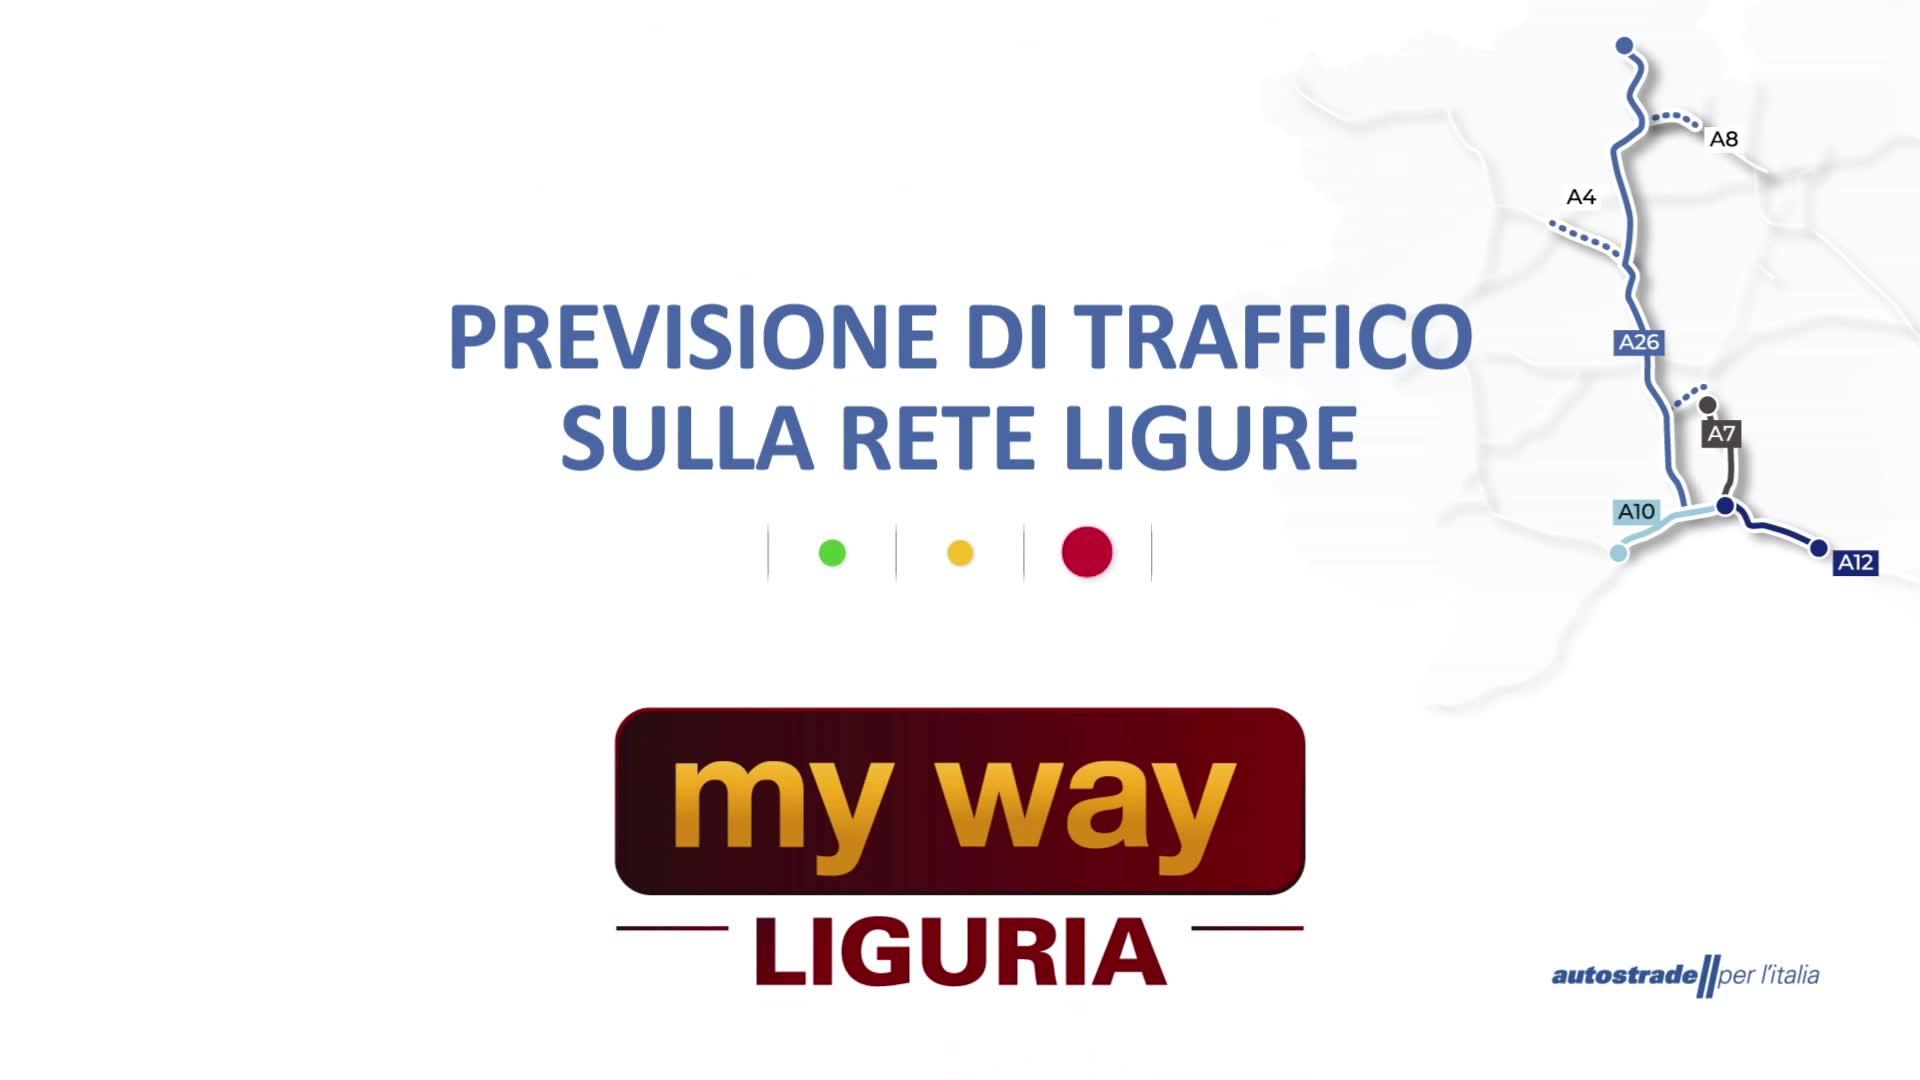 Le previsioni del traffico sulla rete autostradale ligure per sabato 27 marzo